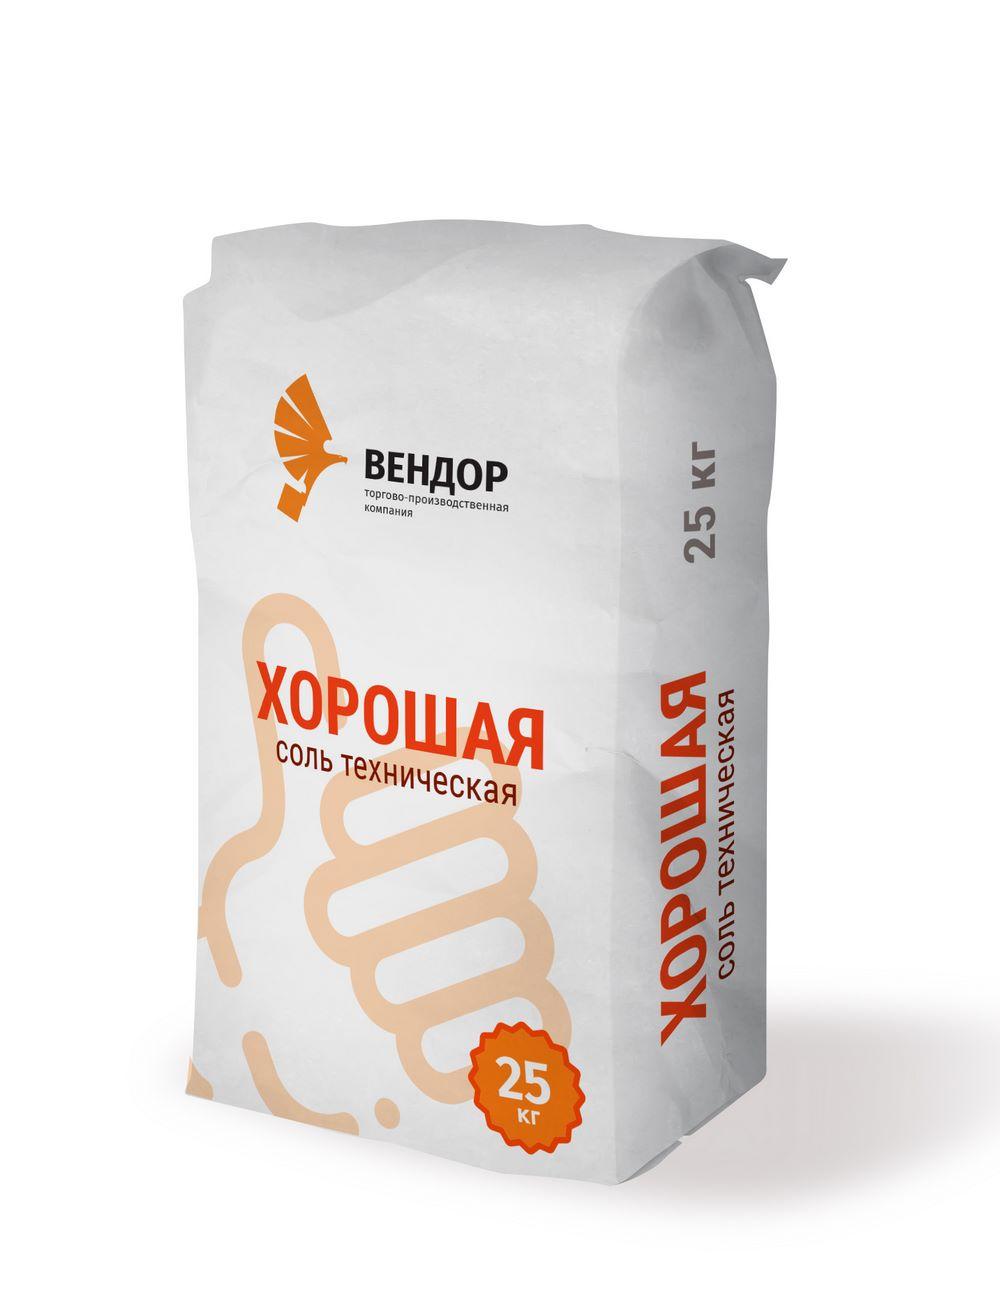 Техническая соль для дорог и котельных «Бассоль», 50 кг